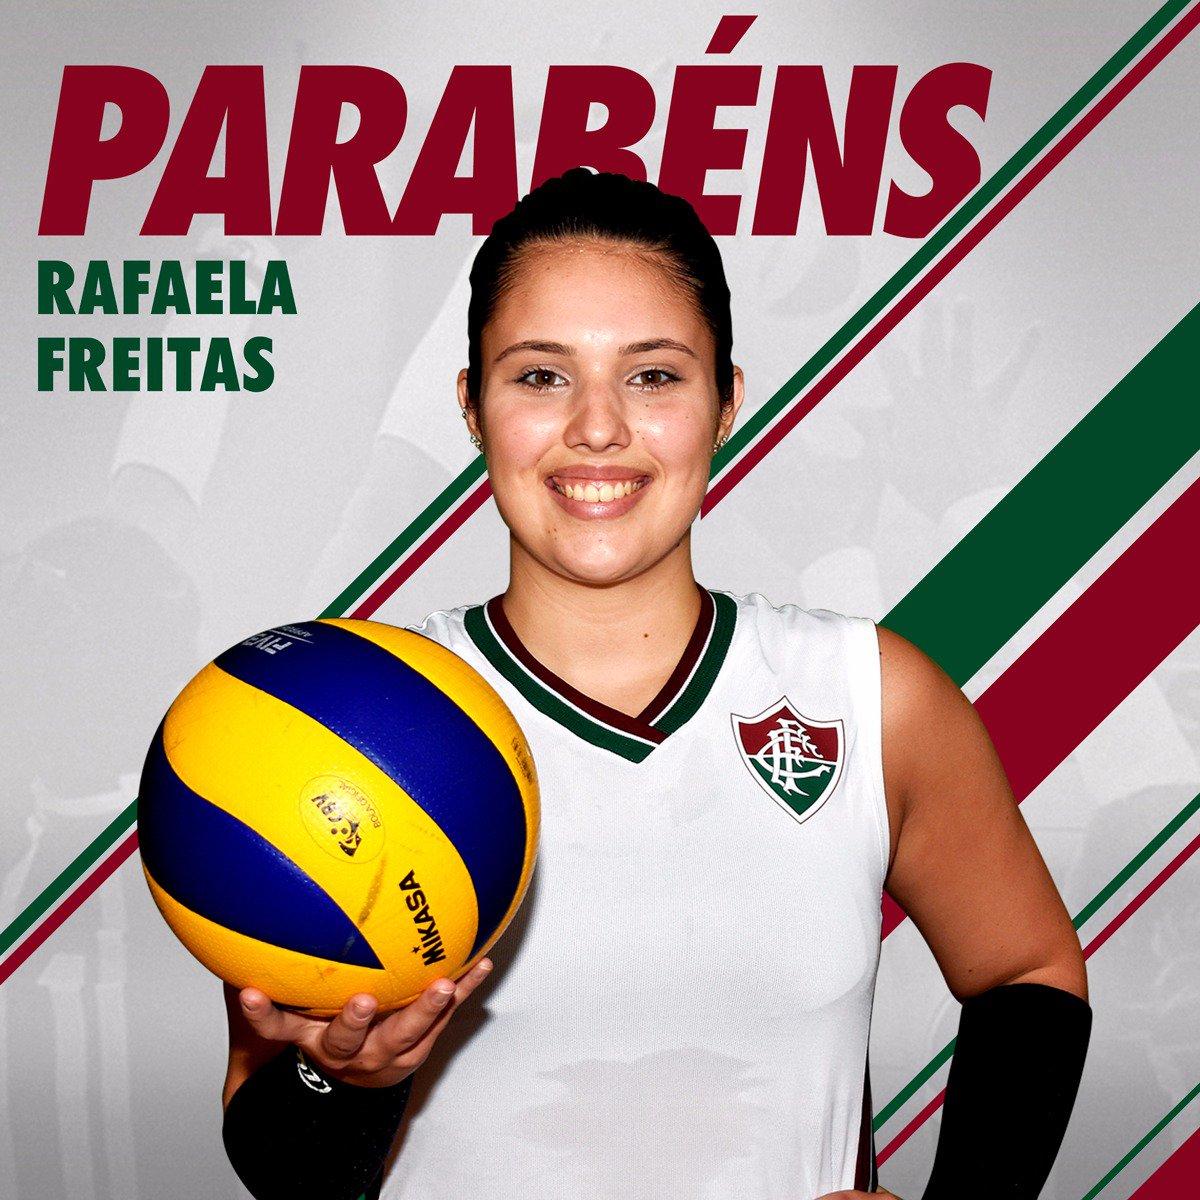 Hoje é aniversário da levantadora Rafaela Freitas. Feliz aniversário! #SomosFluminense